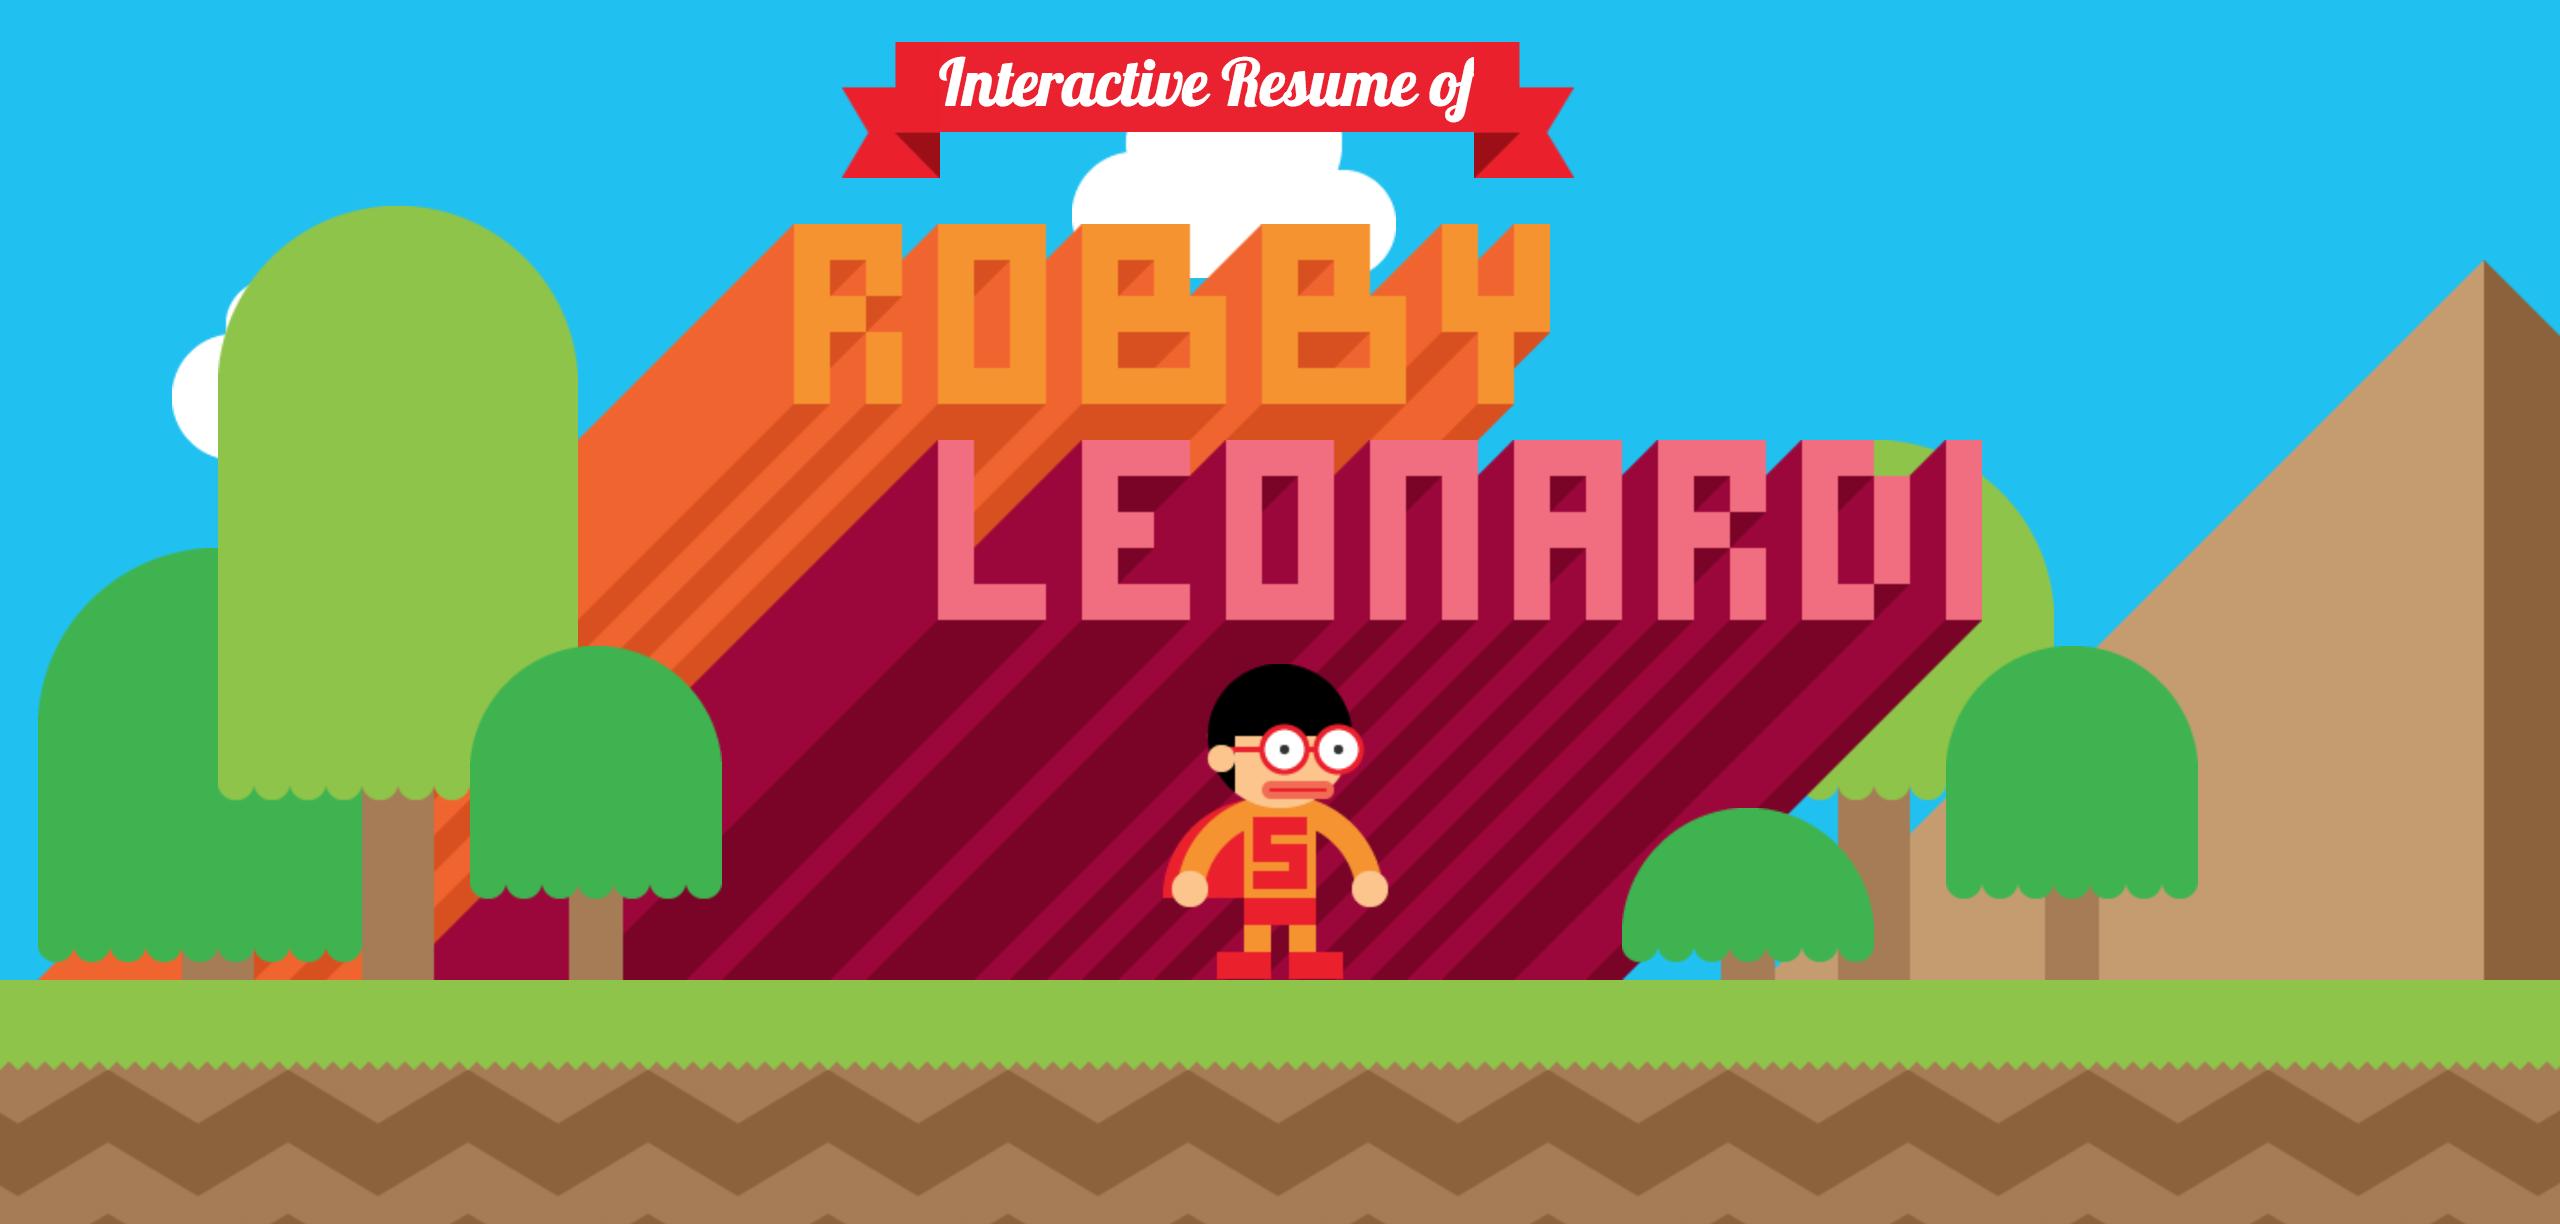 il cv interattivo di Robby Leonardi